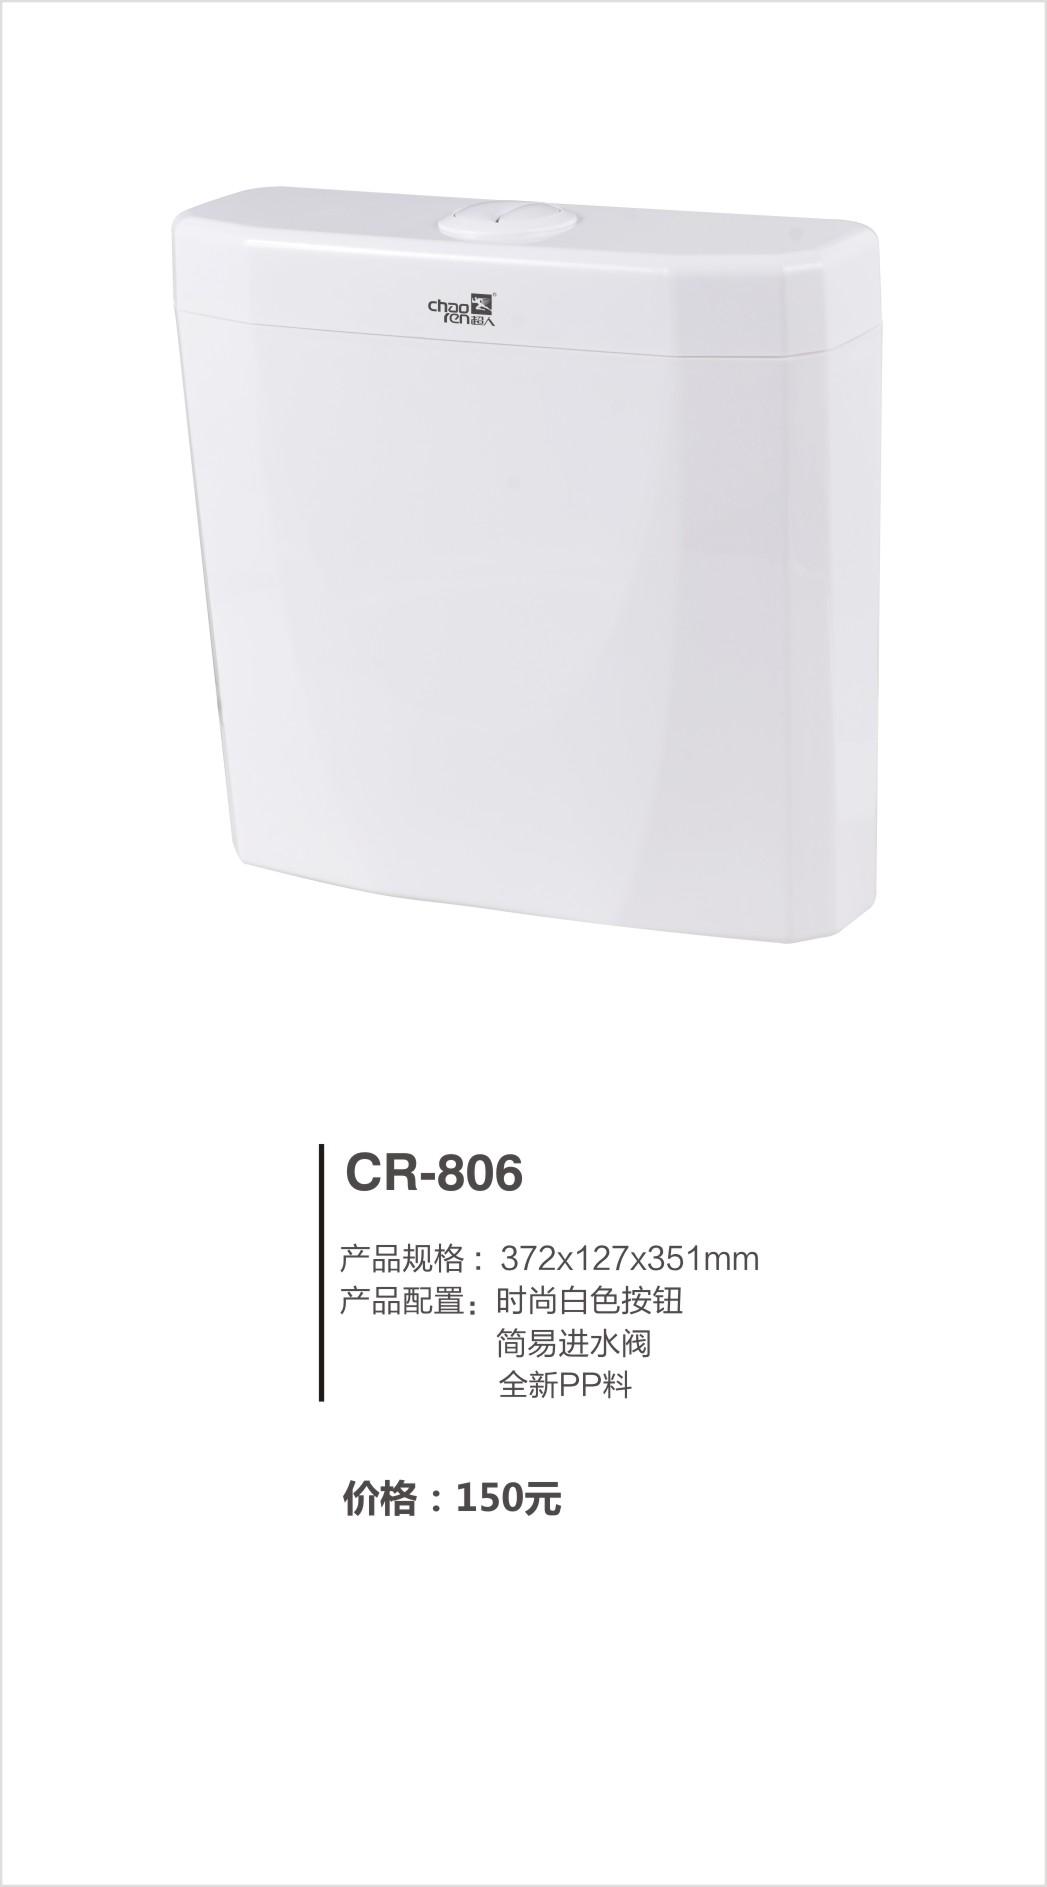 超人(chaoren)卫浴系列水箱CR-806